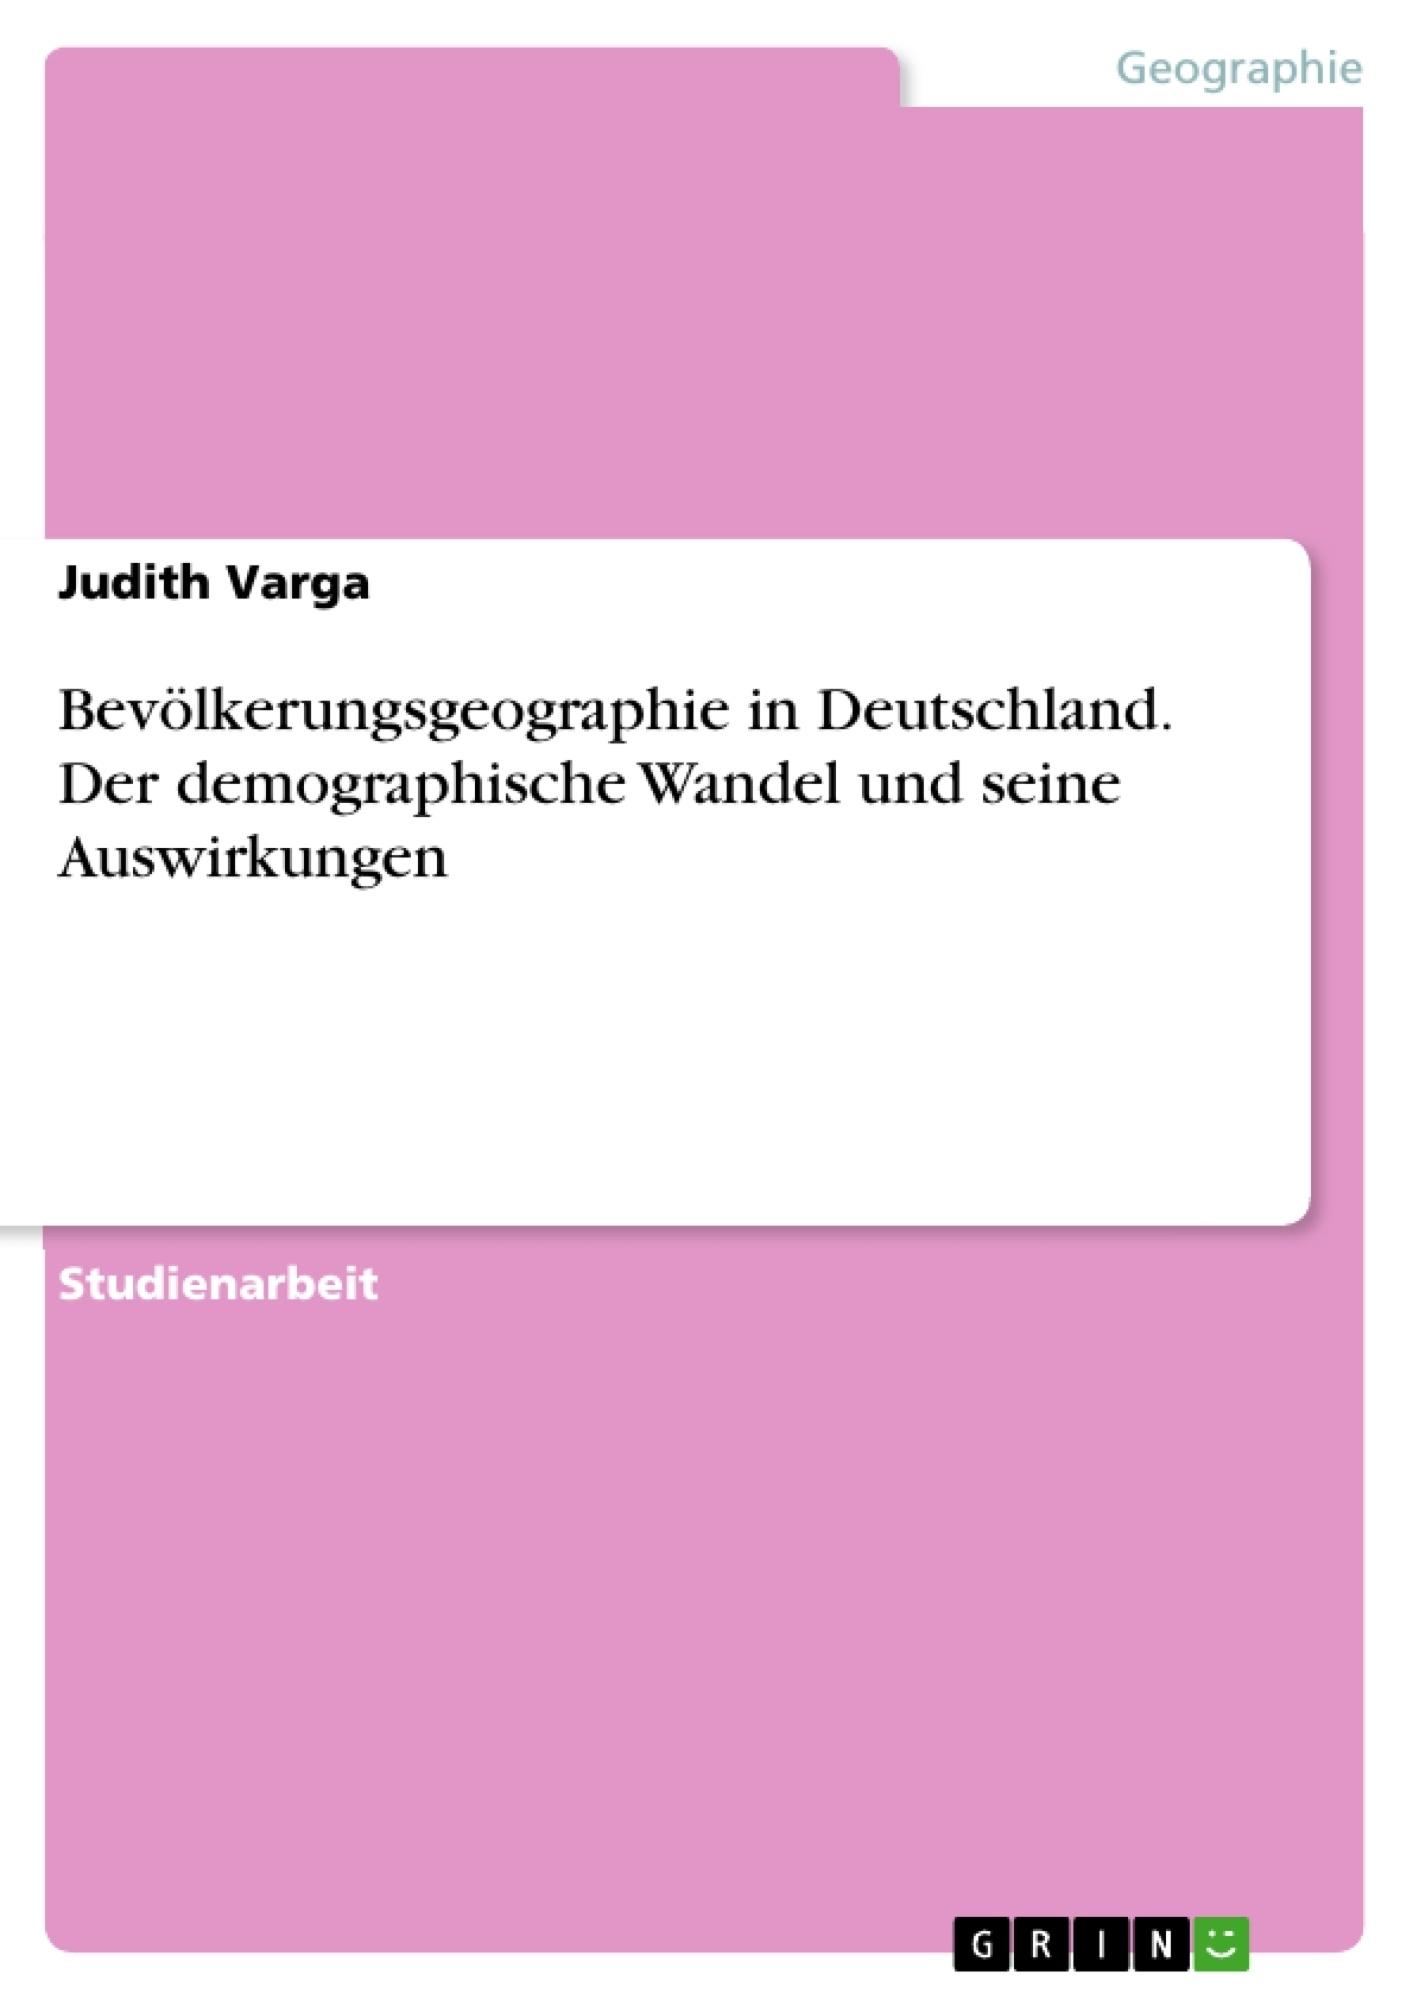 Titel: Bevölkerungsgeographie in Deutschland. Der demographische Wandel und seine Auswirkungen